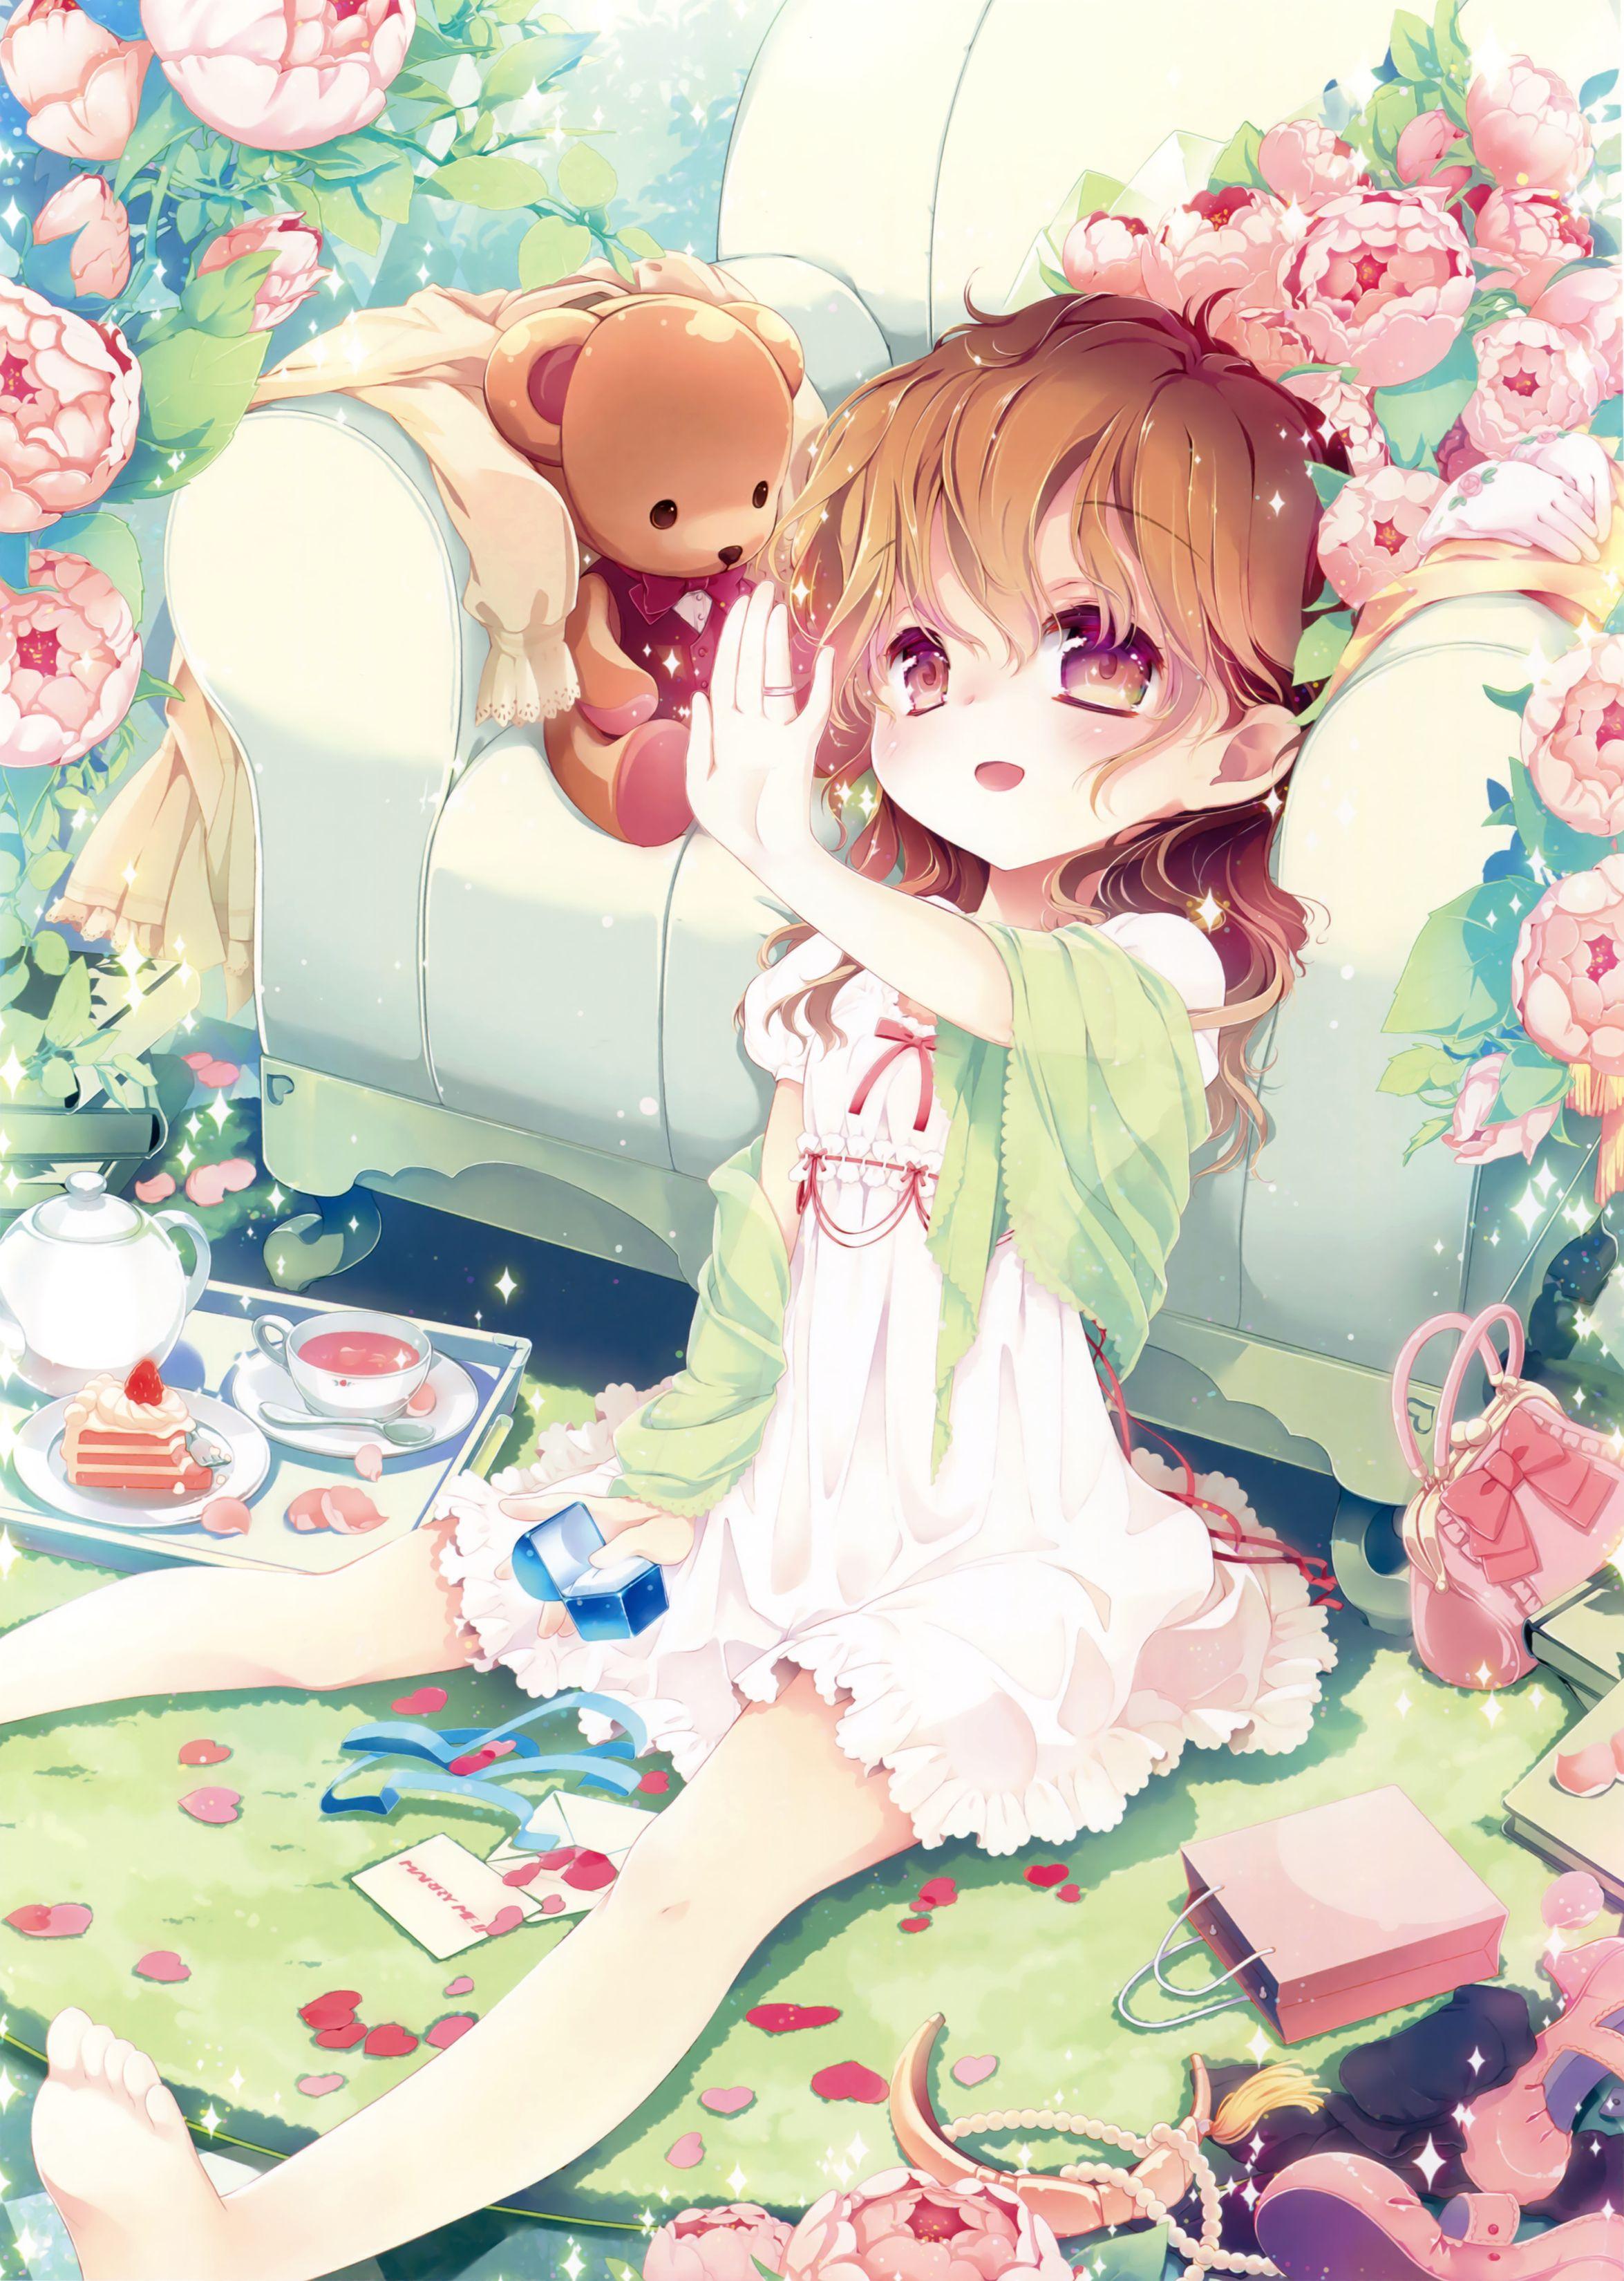 Mitaonsya 2004181 Kawaii Anime Anime Anime Child